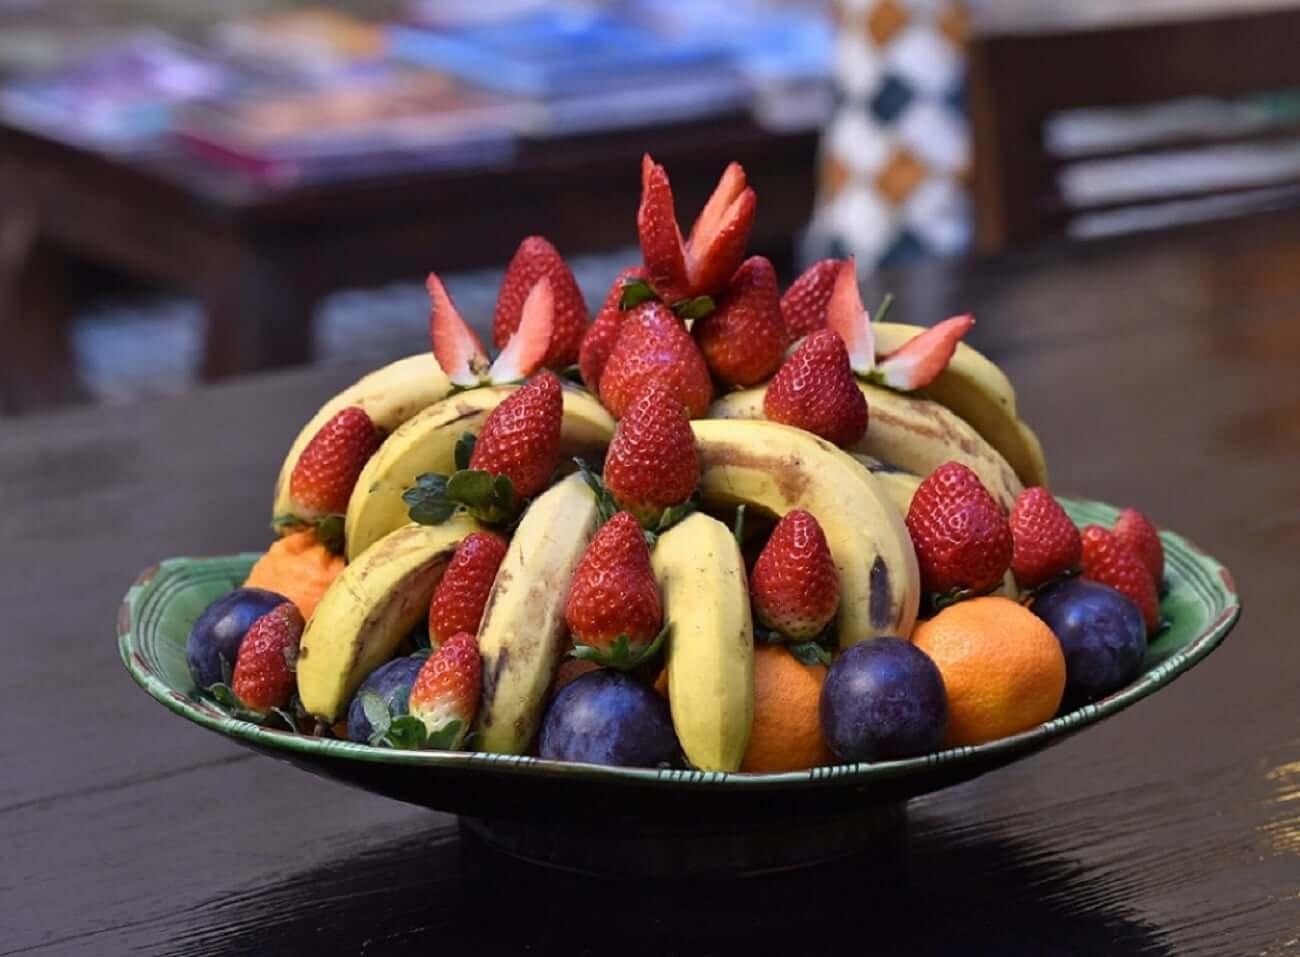 Obstteller mit Bananen, Orangen, Pflaumen und Erdbeeren